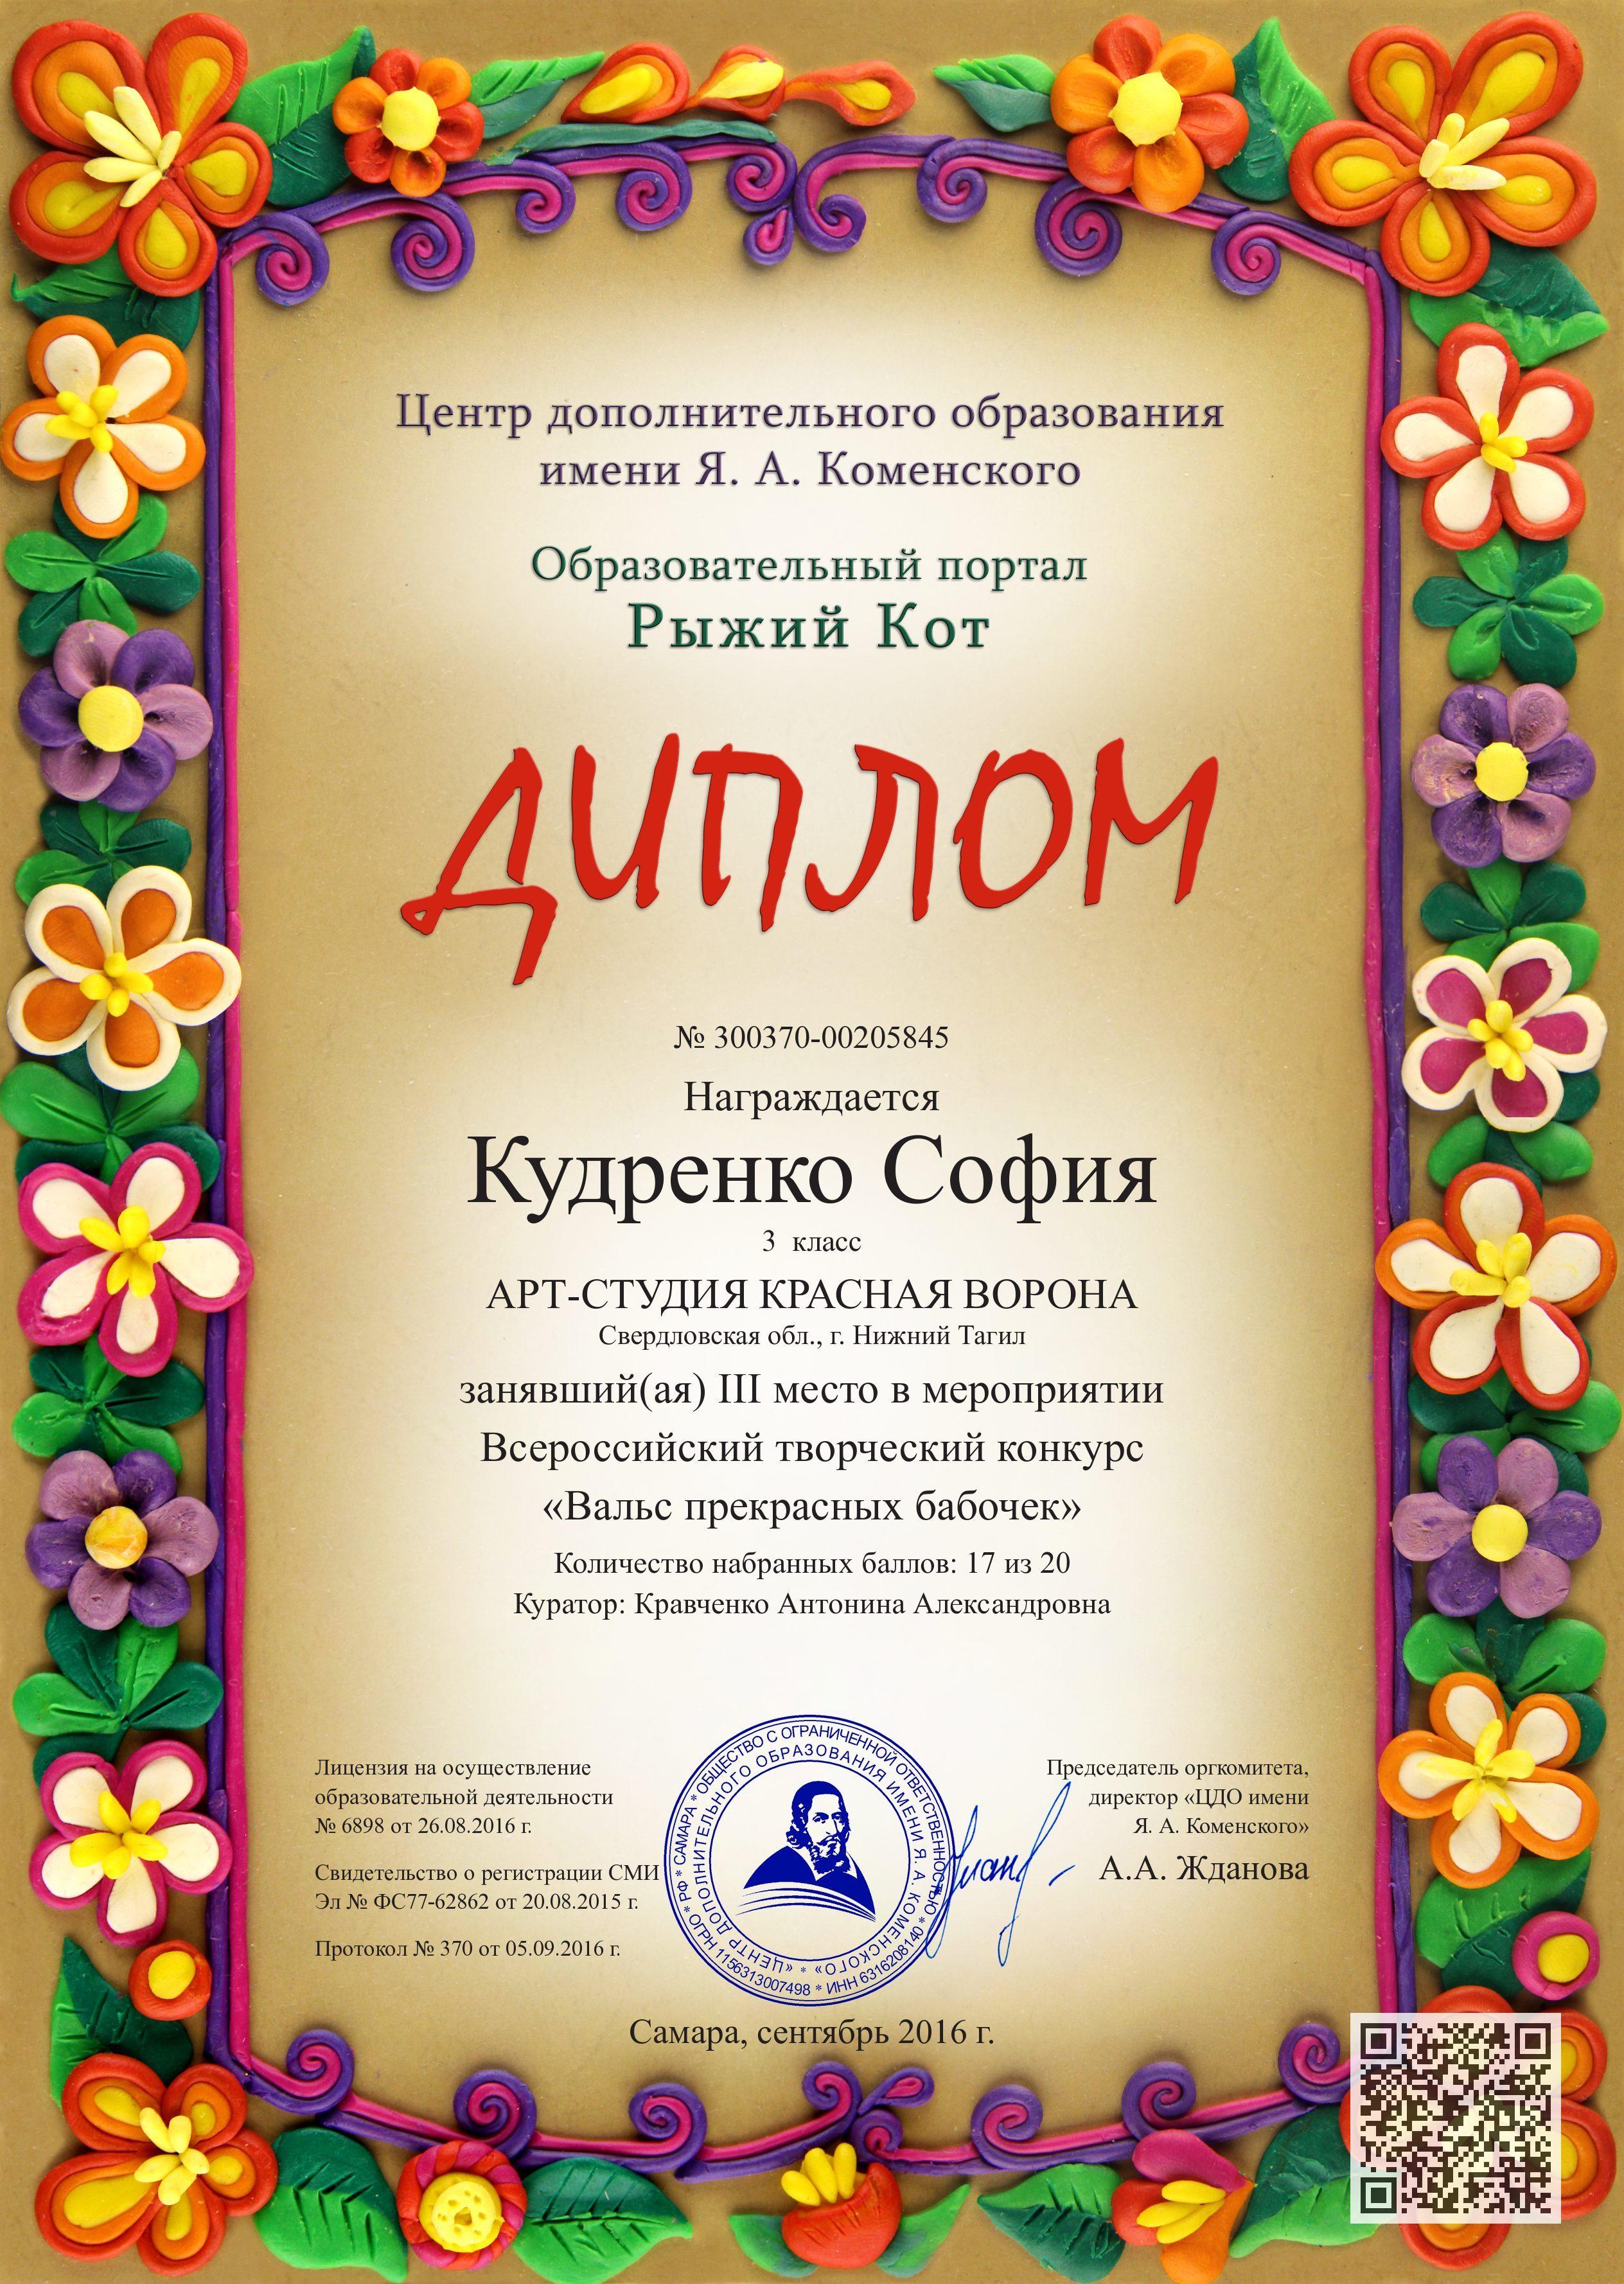 Кудренко София, 3 место